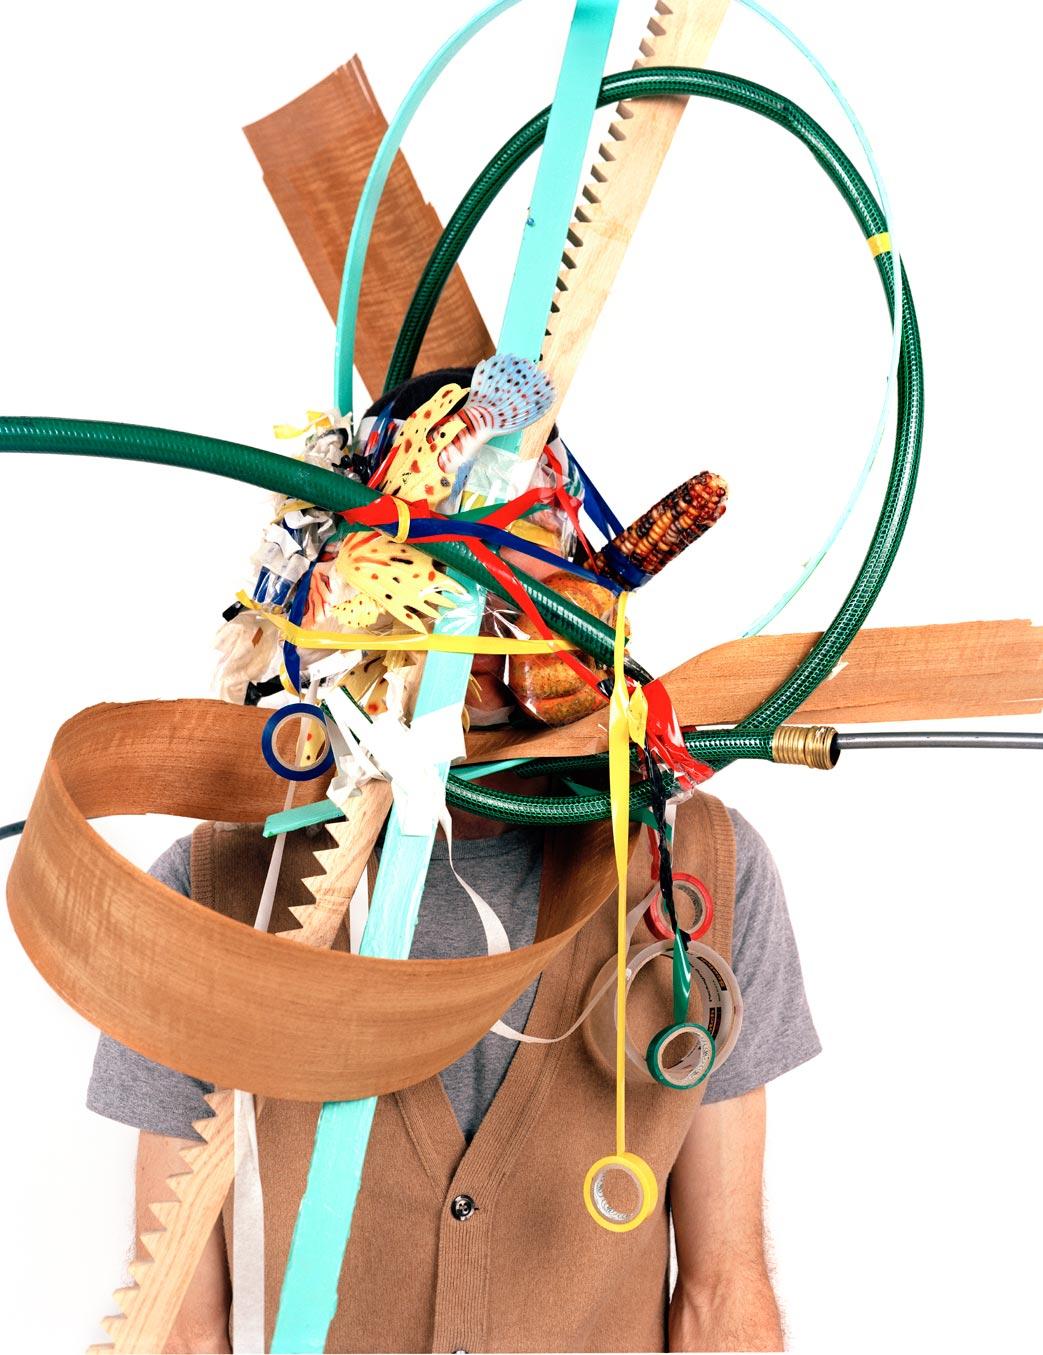 Untitled (garden hose) 2006